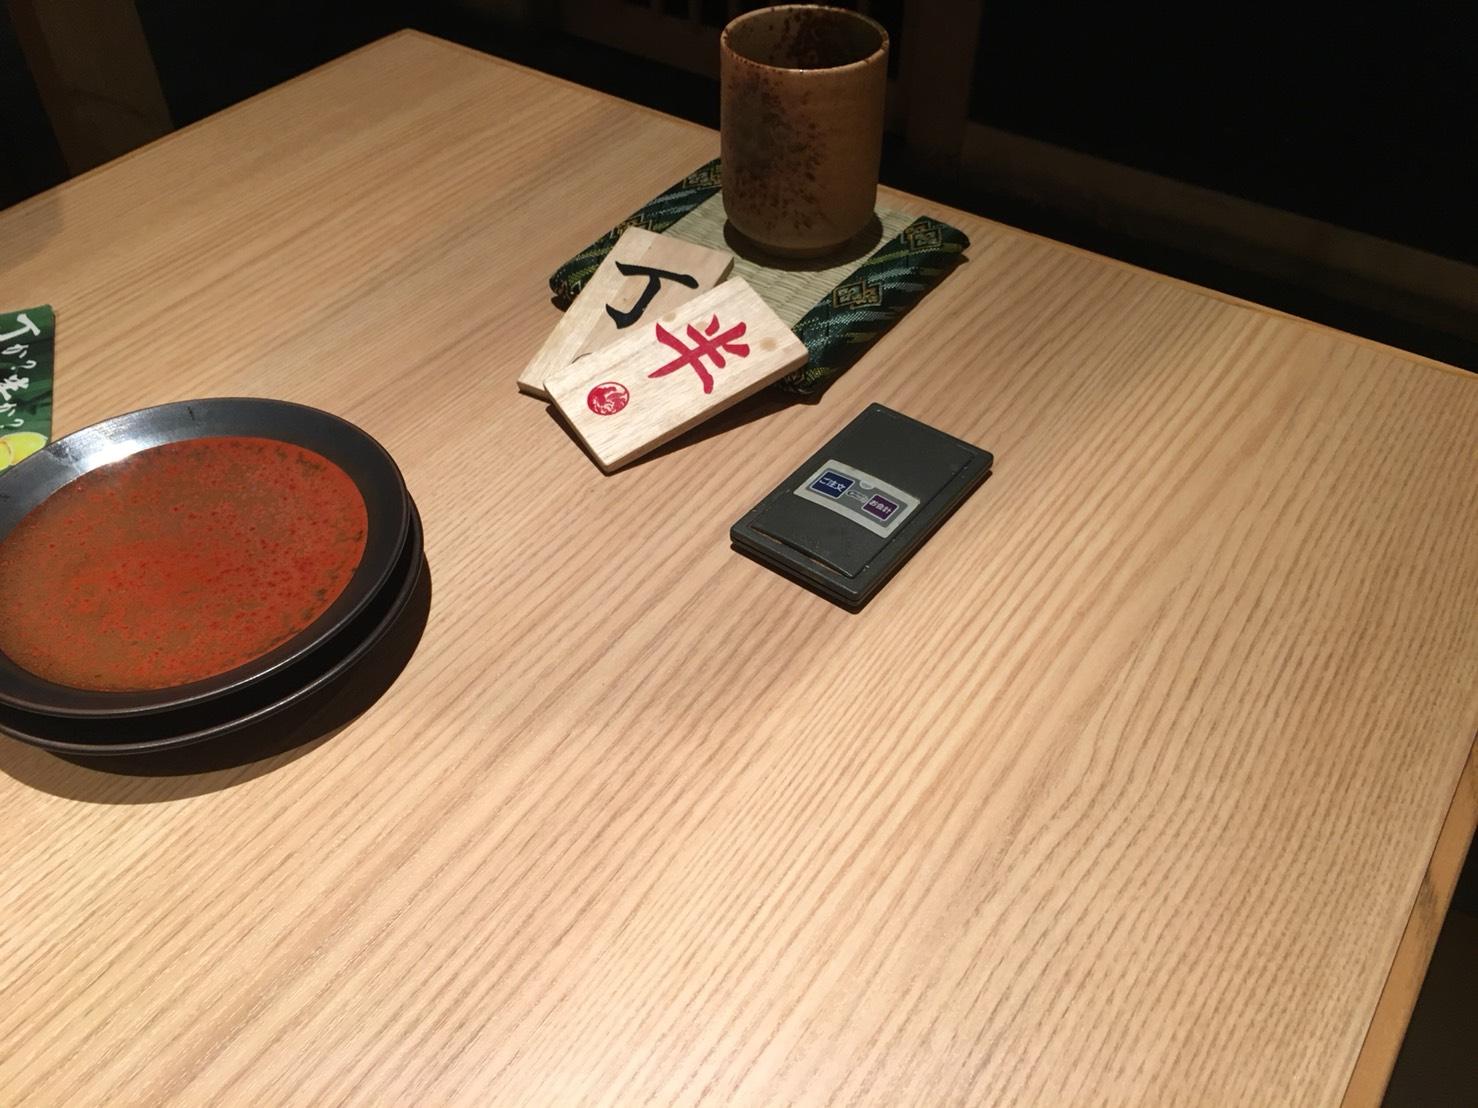 【池袋駅】大宴会もできる!九州料理の「福栄組合 池袋店」のテーブル